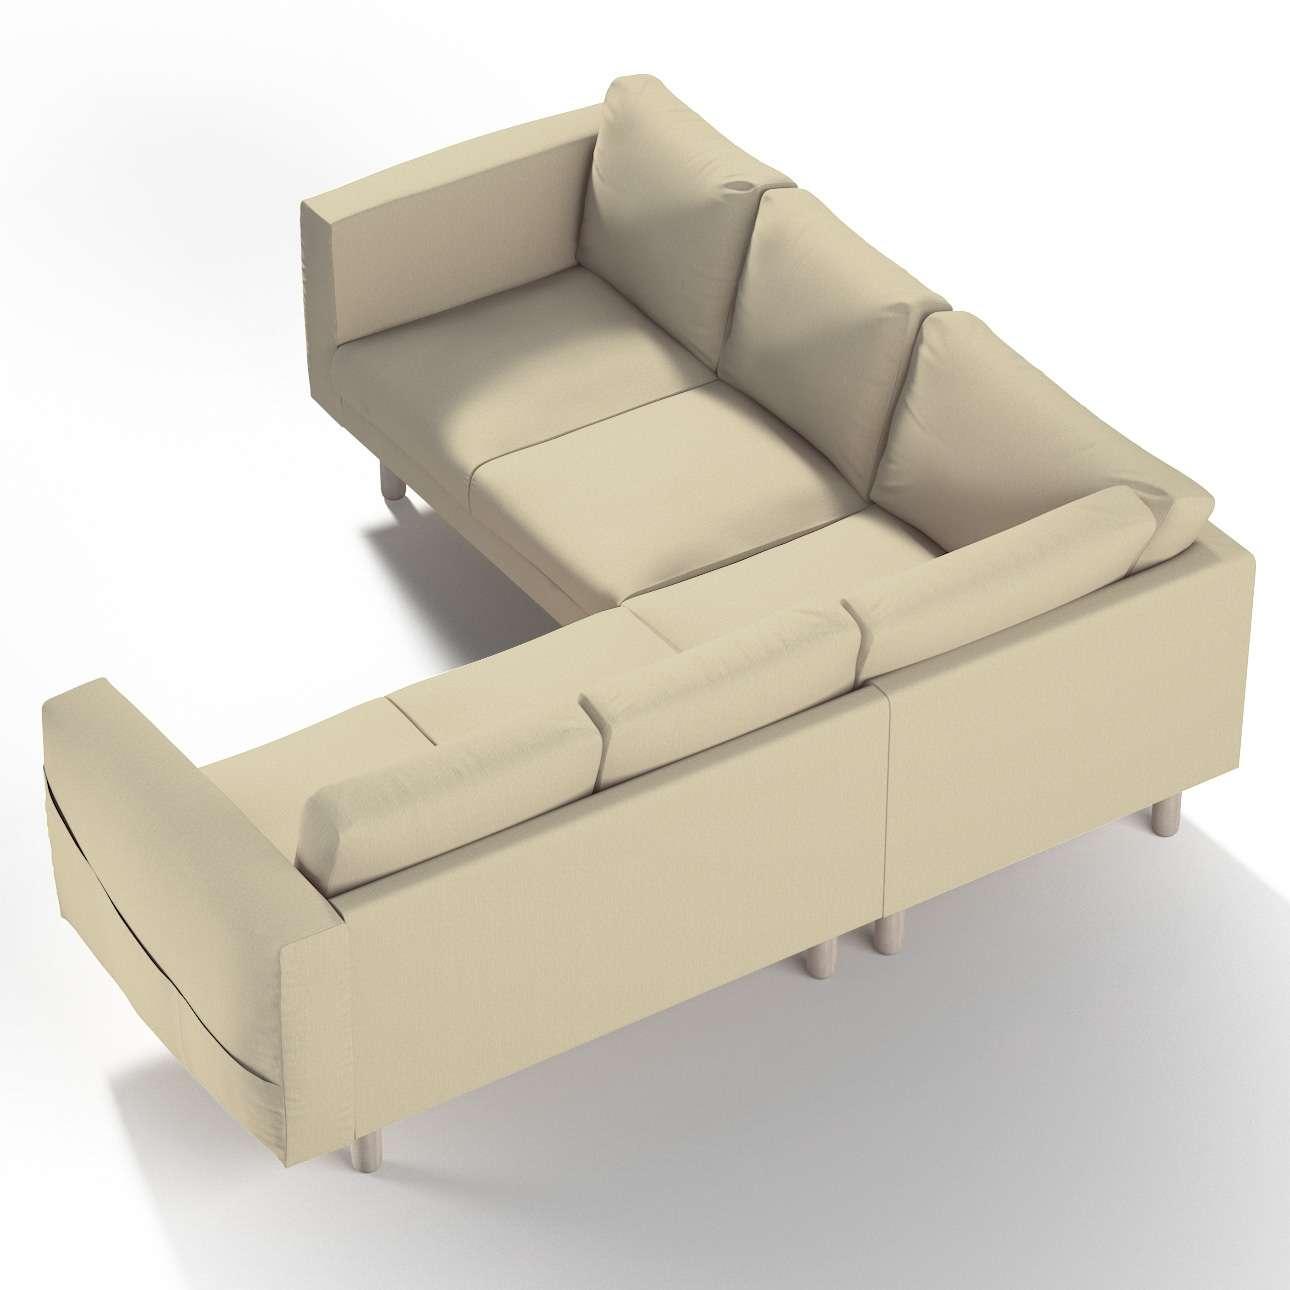 Pokrowiec na sofę narożną Norsborg 4-osobową w kolekcji Chenille, tkanina: 702-22